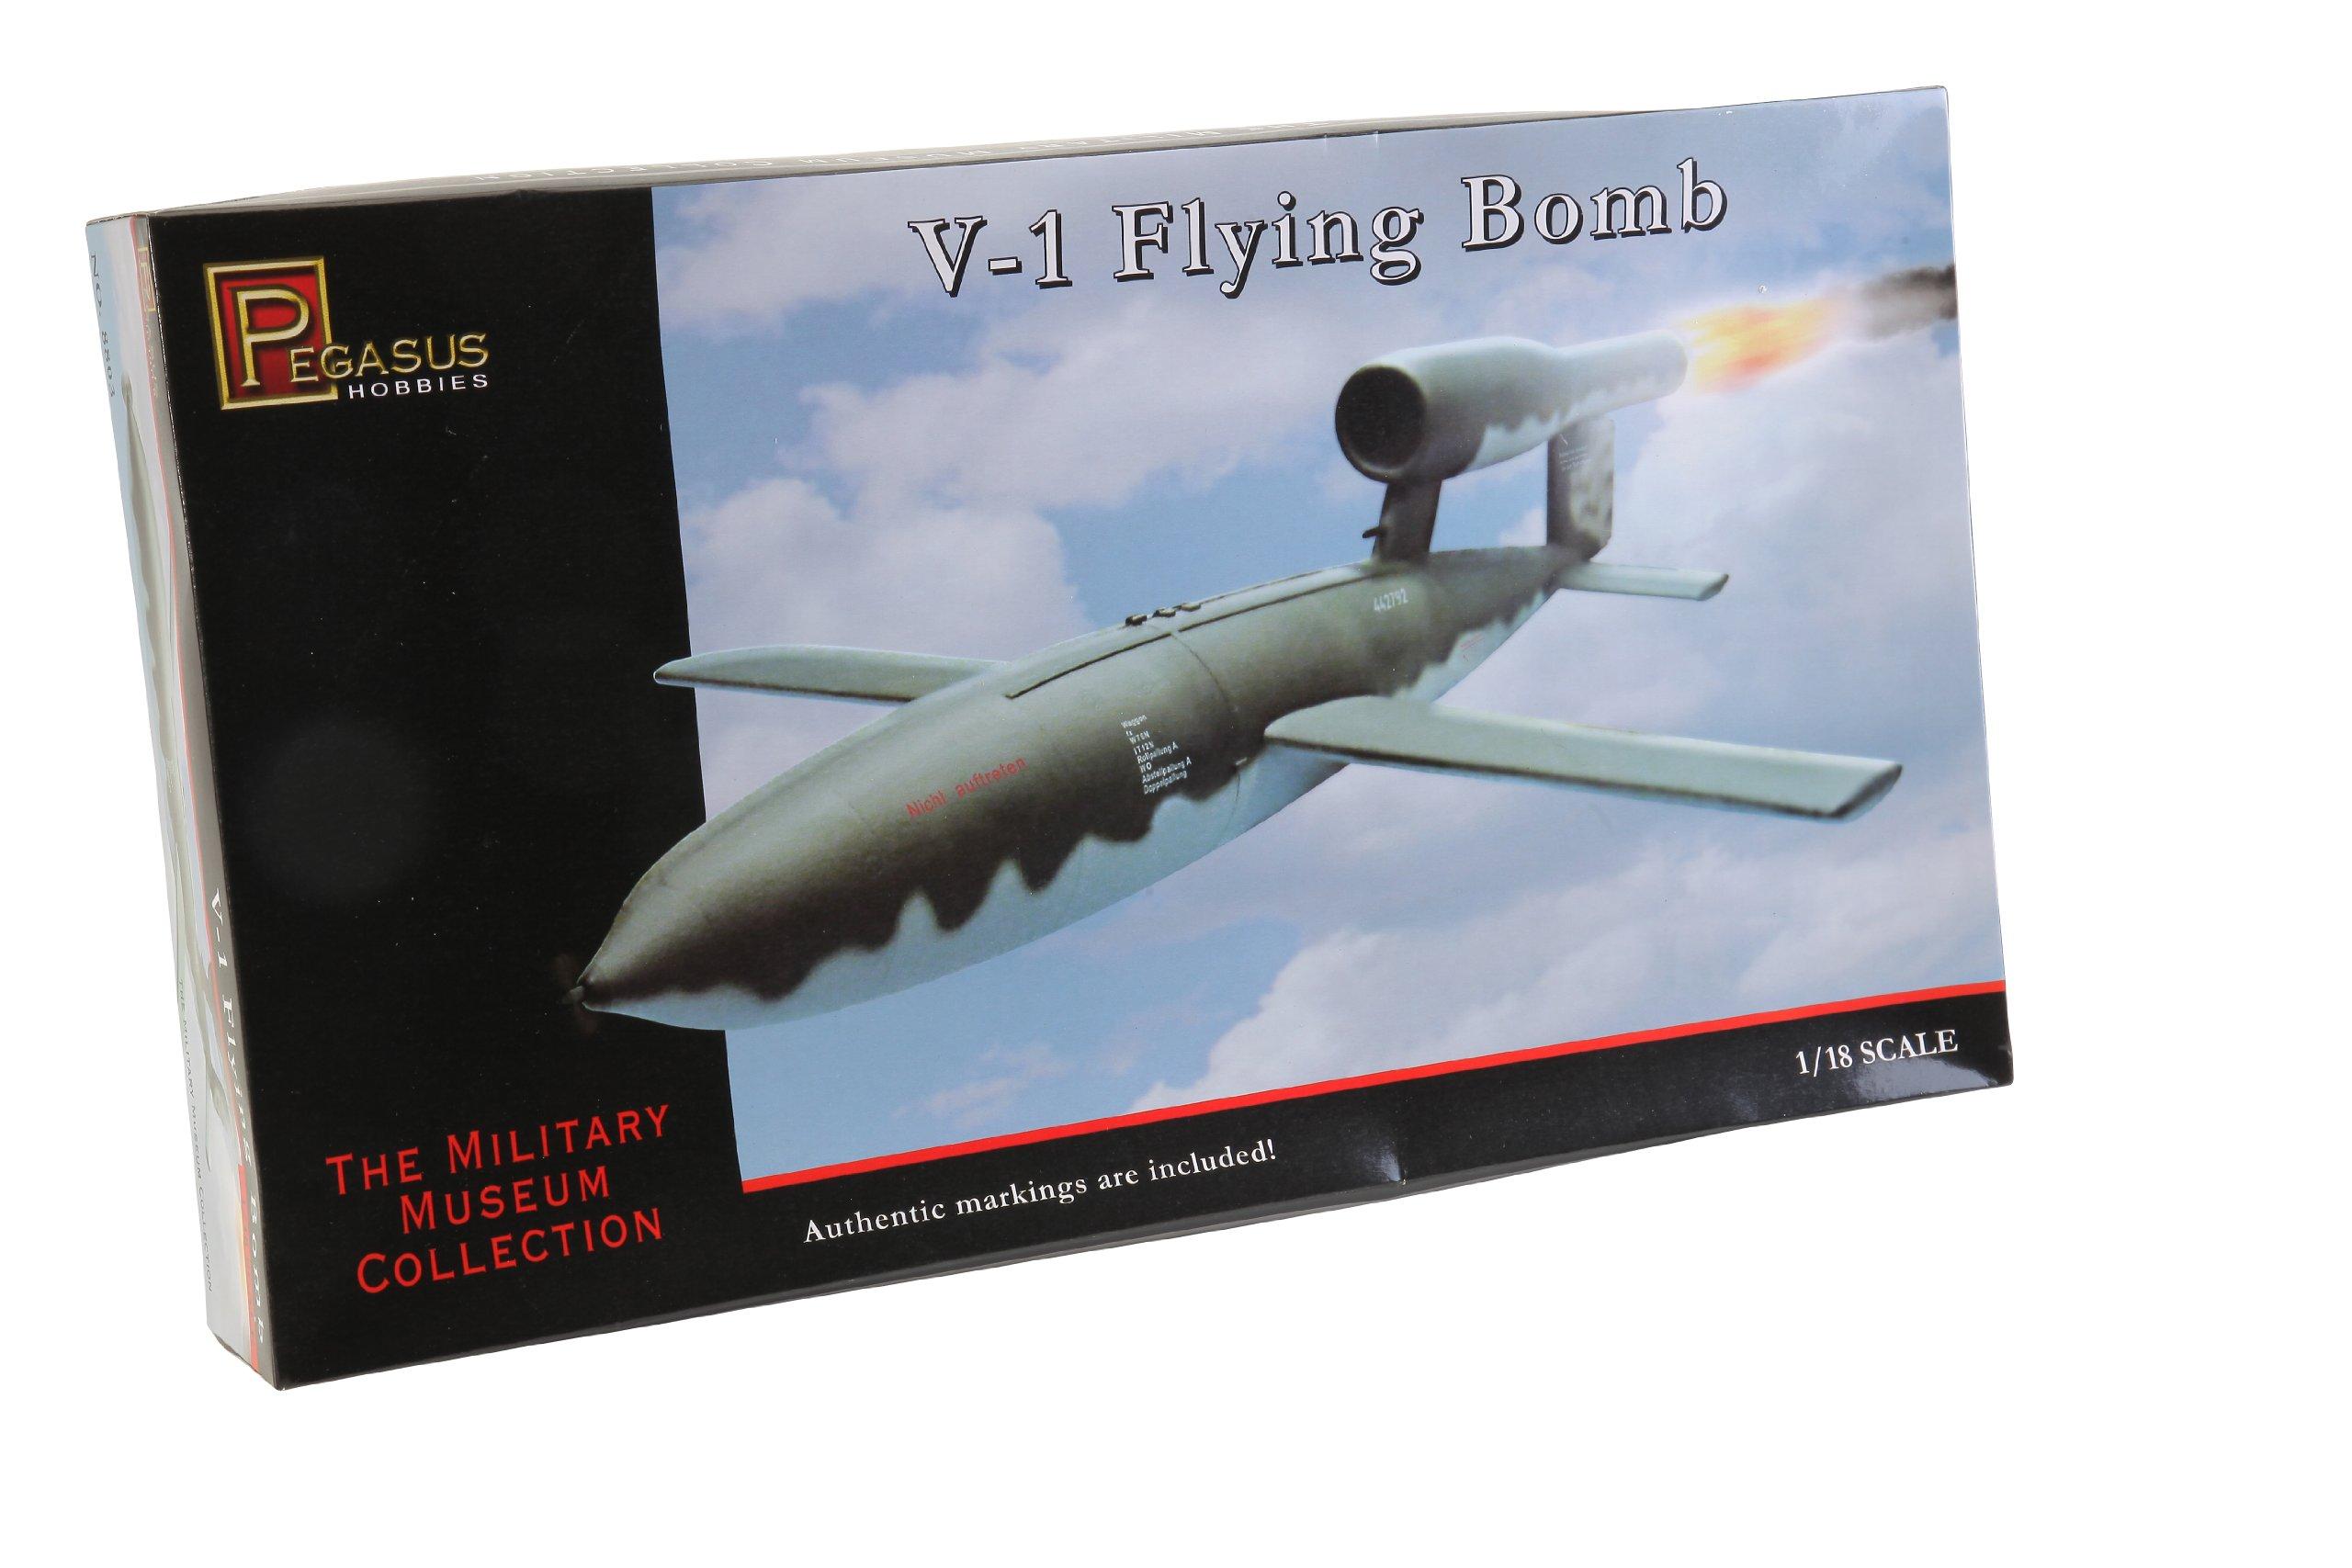 Pegasus Hobby 1/18 German V-1 Flying Bomb Model Kit